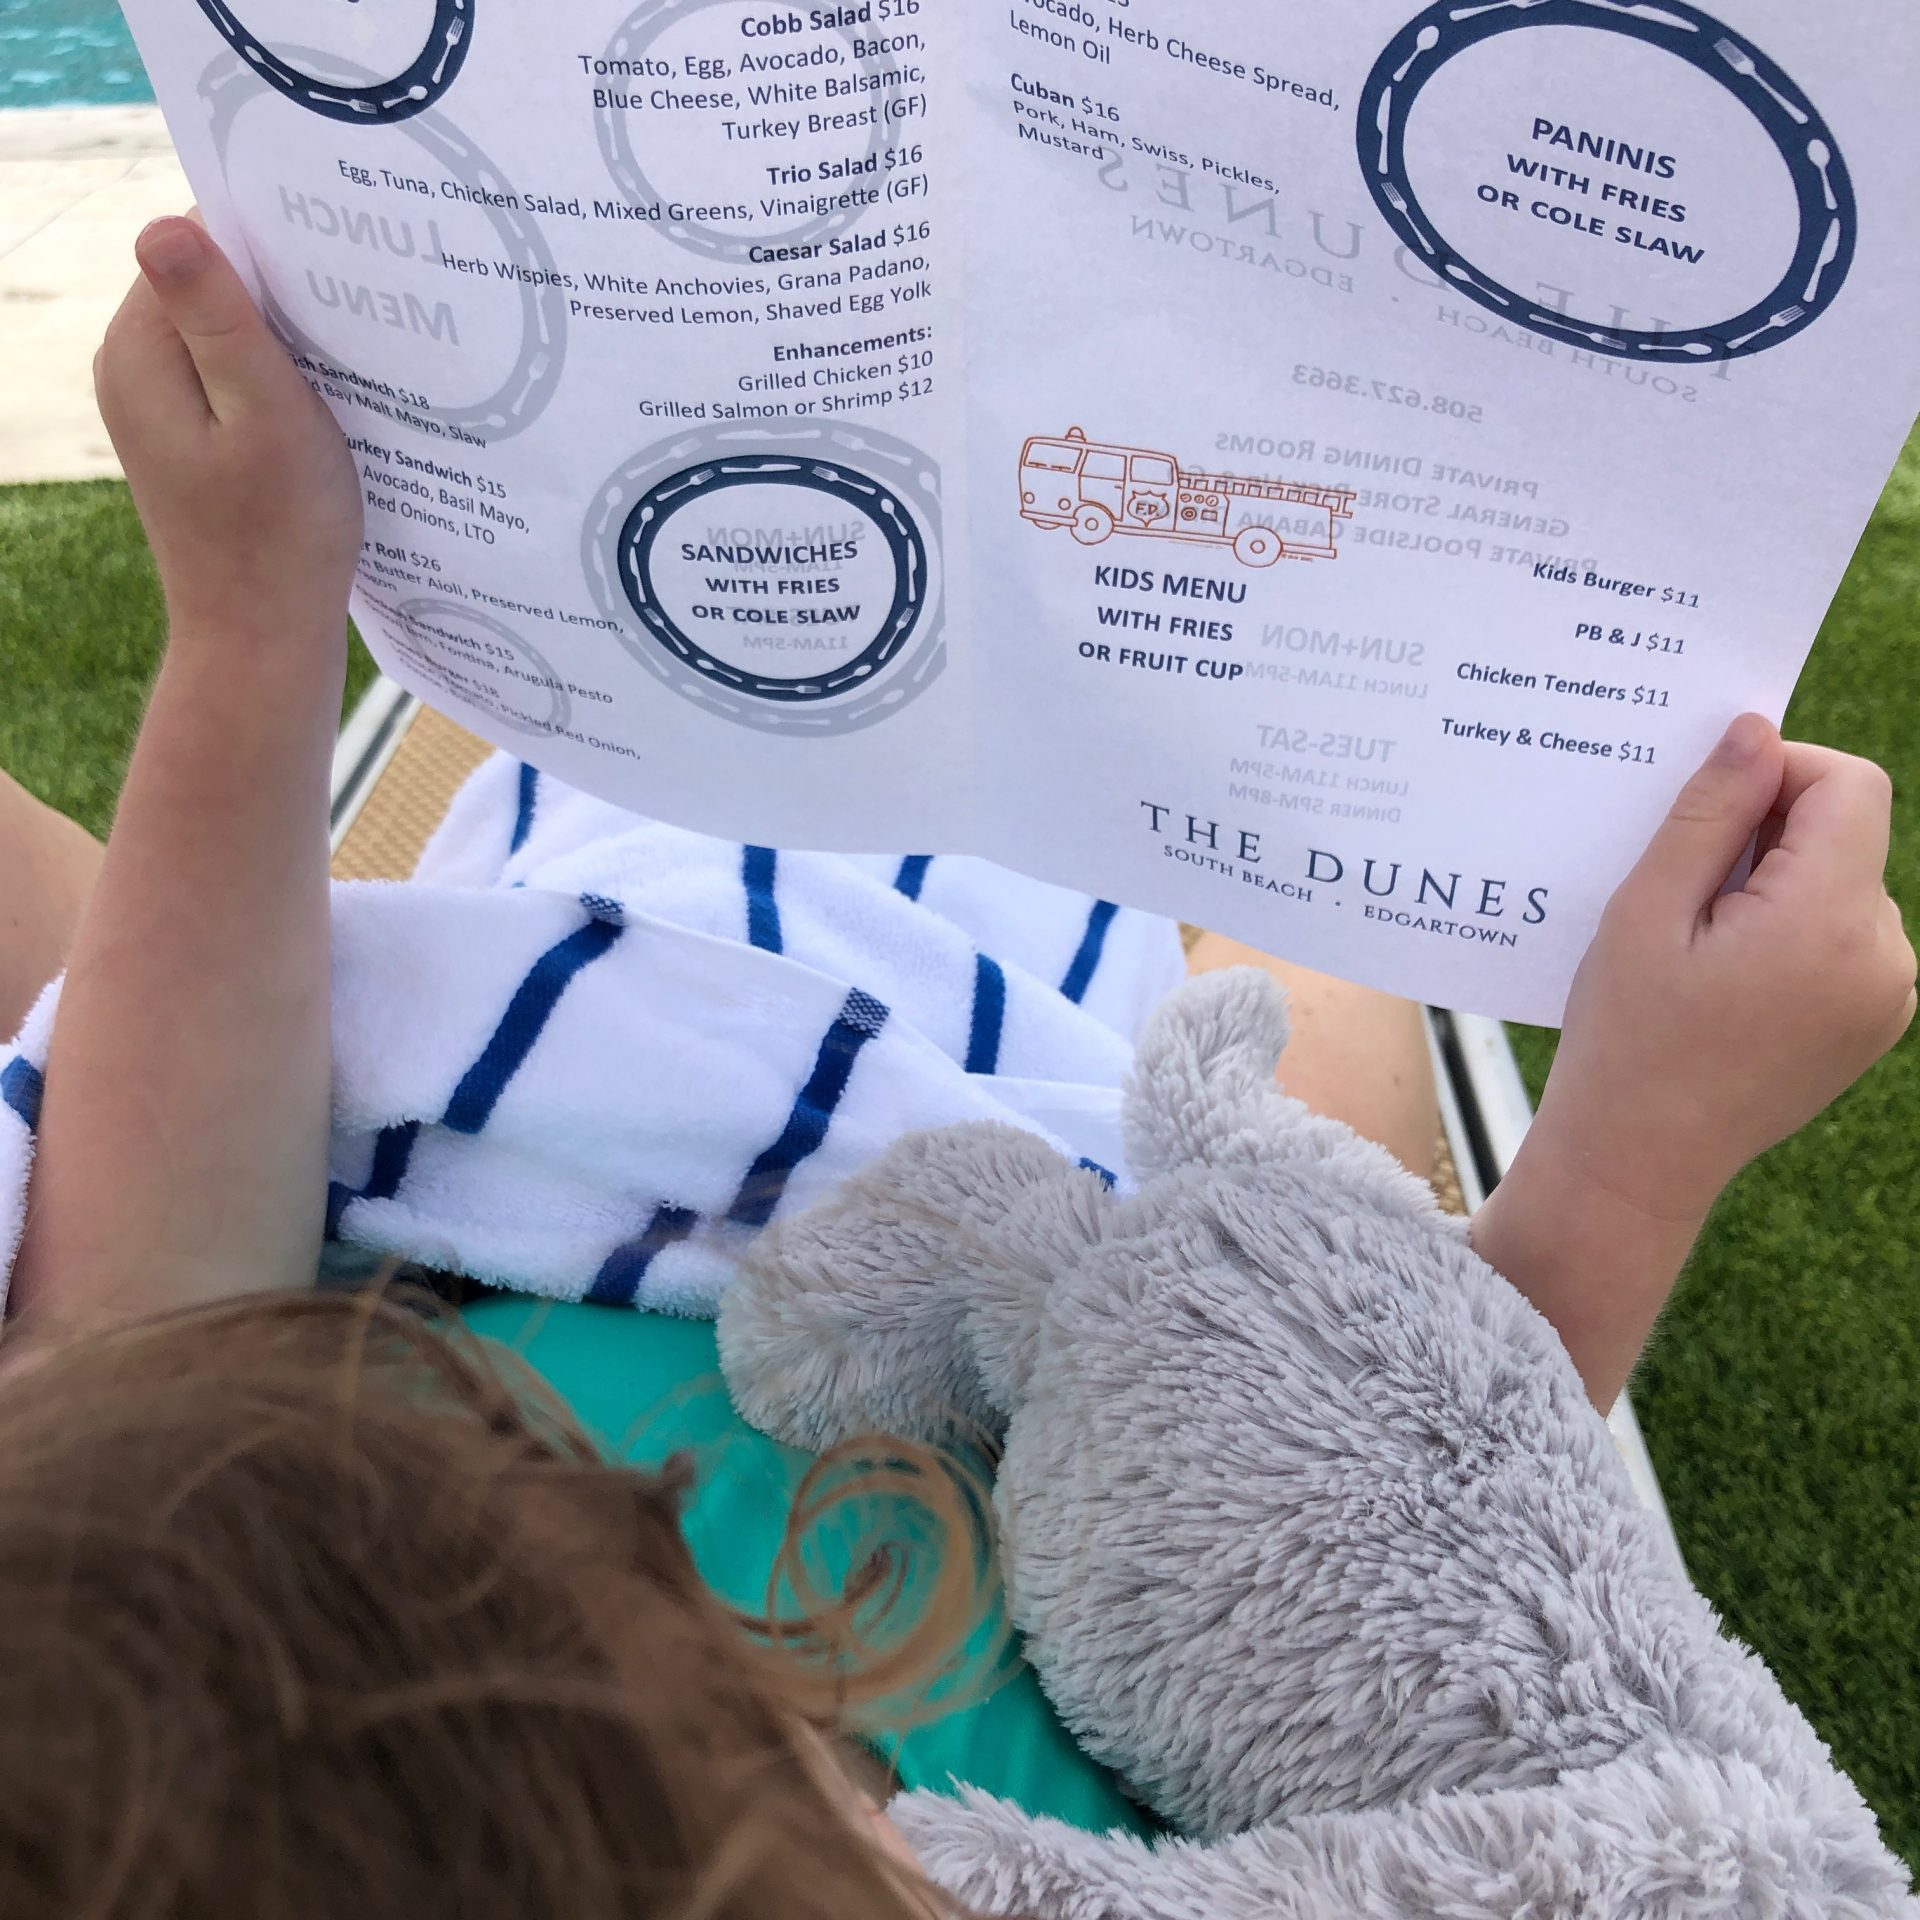 little girl reading poolside grill menu Winnetu Martha's Vineyard